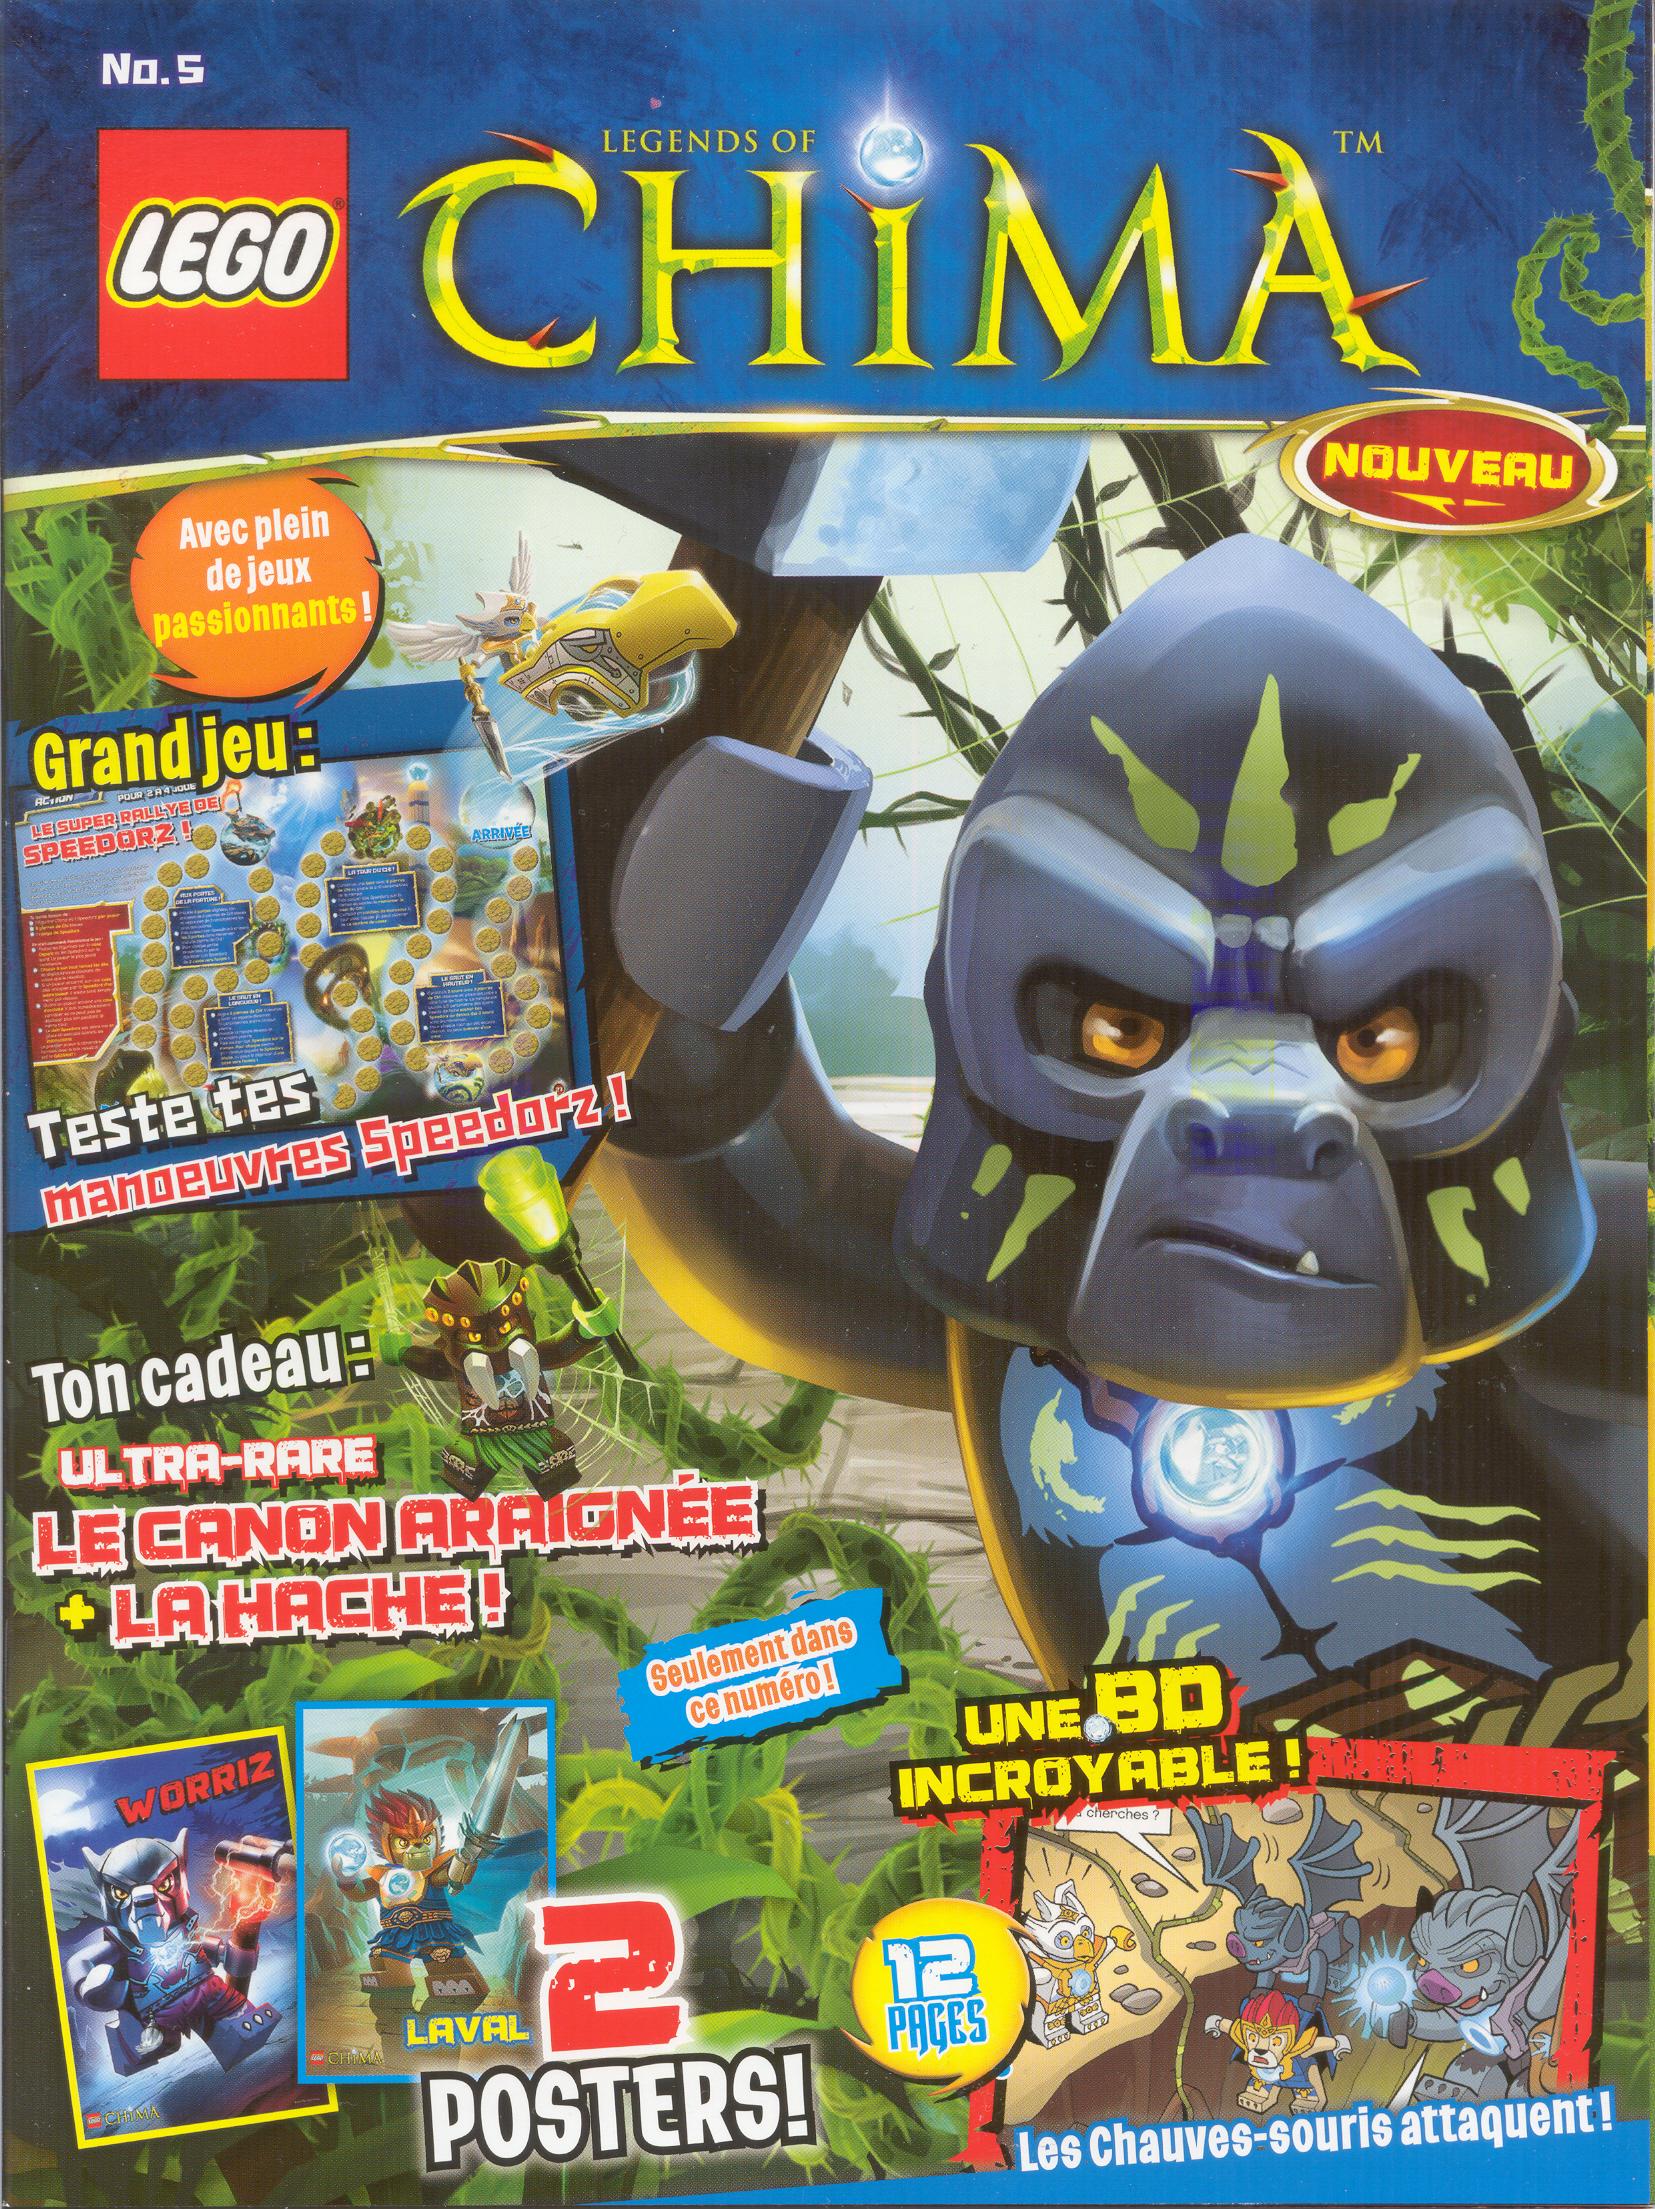 Lego chima 5 wiki lego fandom powered by wikia - Image de lego chima ...